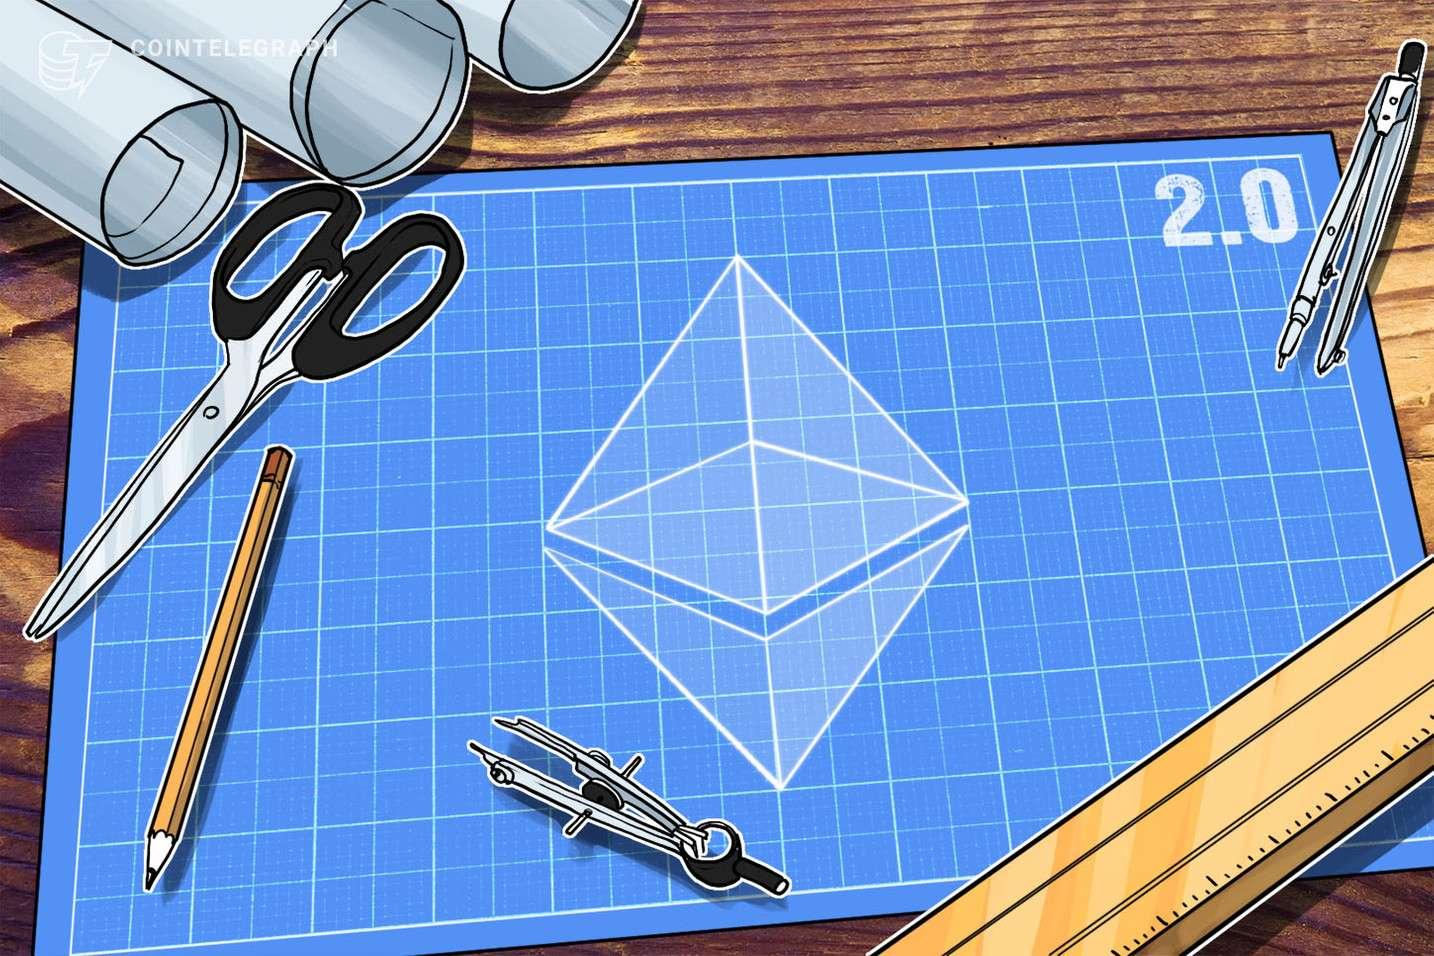 Разработчики выпустили панель запуска Validator для Ethereum 2.0 Final  Testnet | CryptoHamster.org